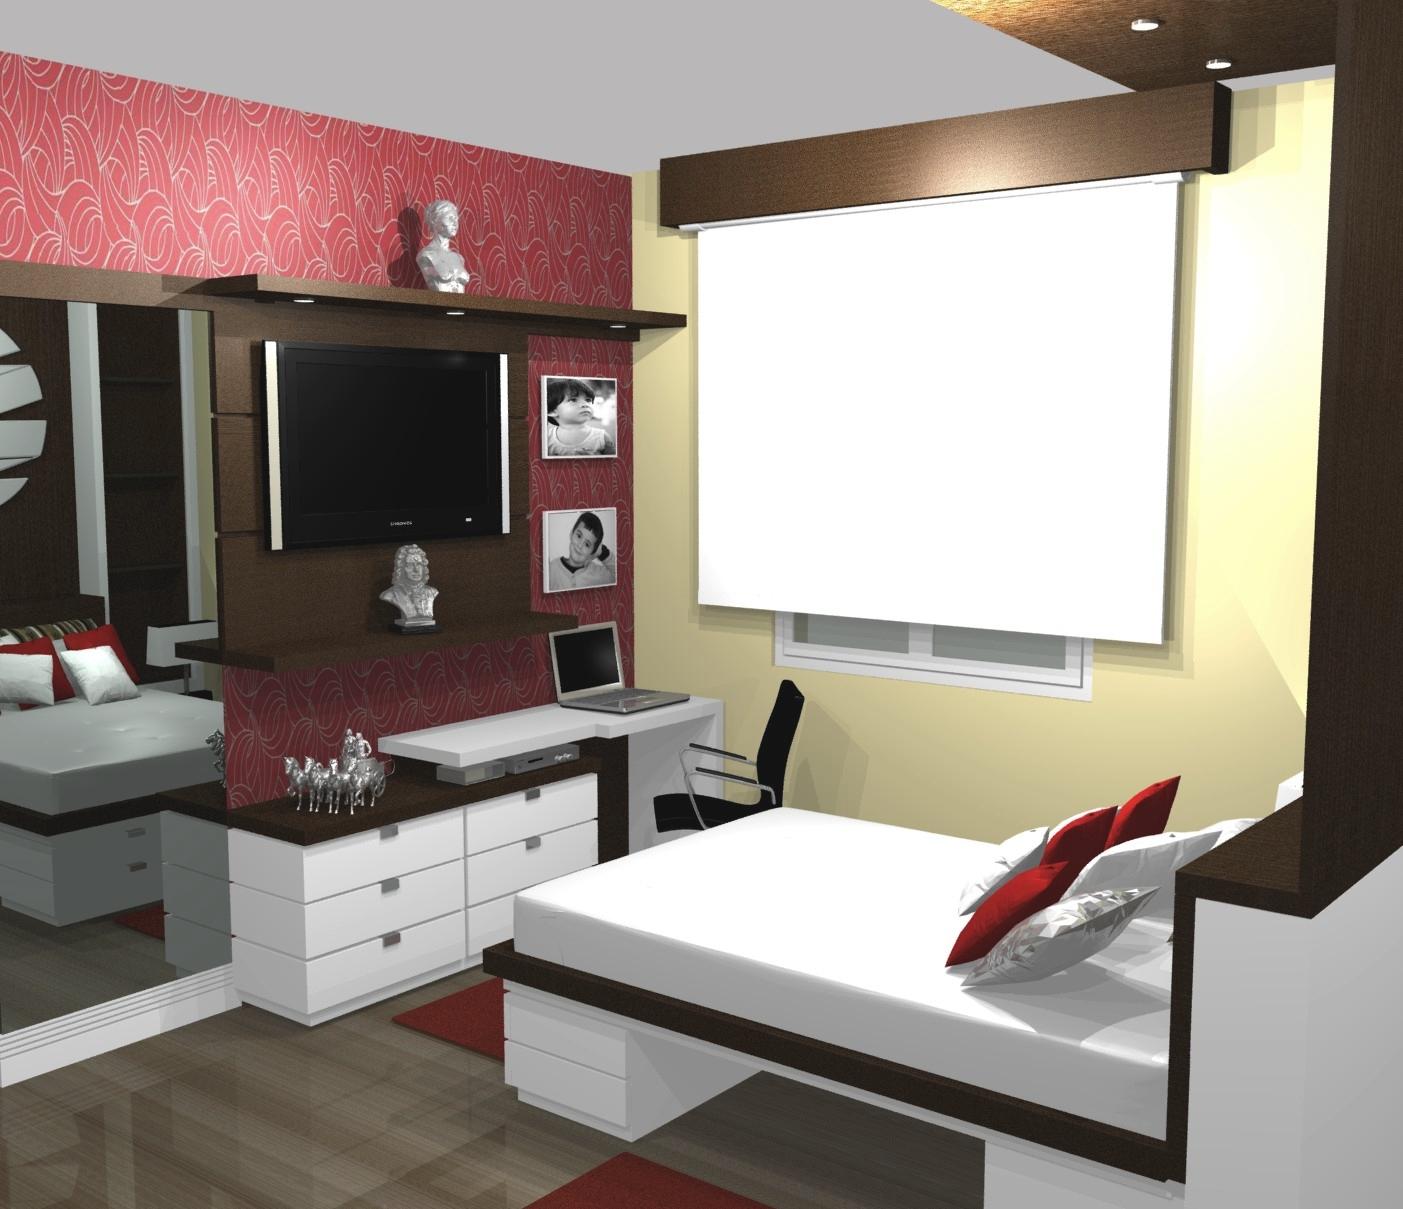 PROJETOS (11) 3976 8616: Dormitório quarto pequeno casal projeto #95363A 1403 1209